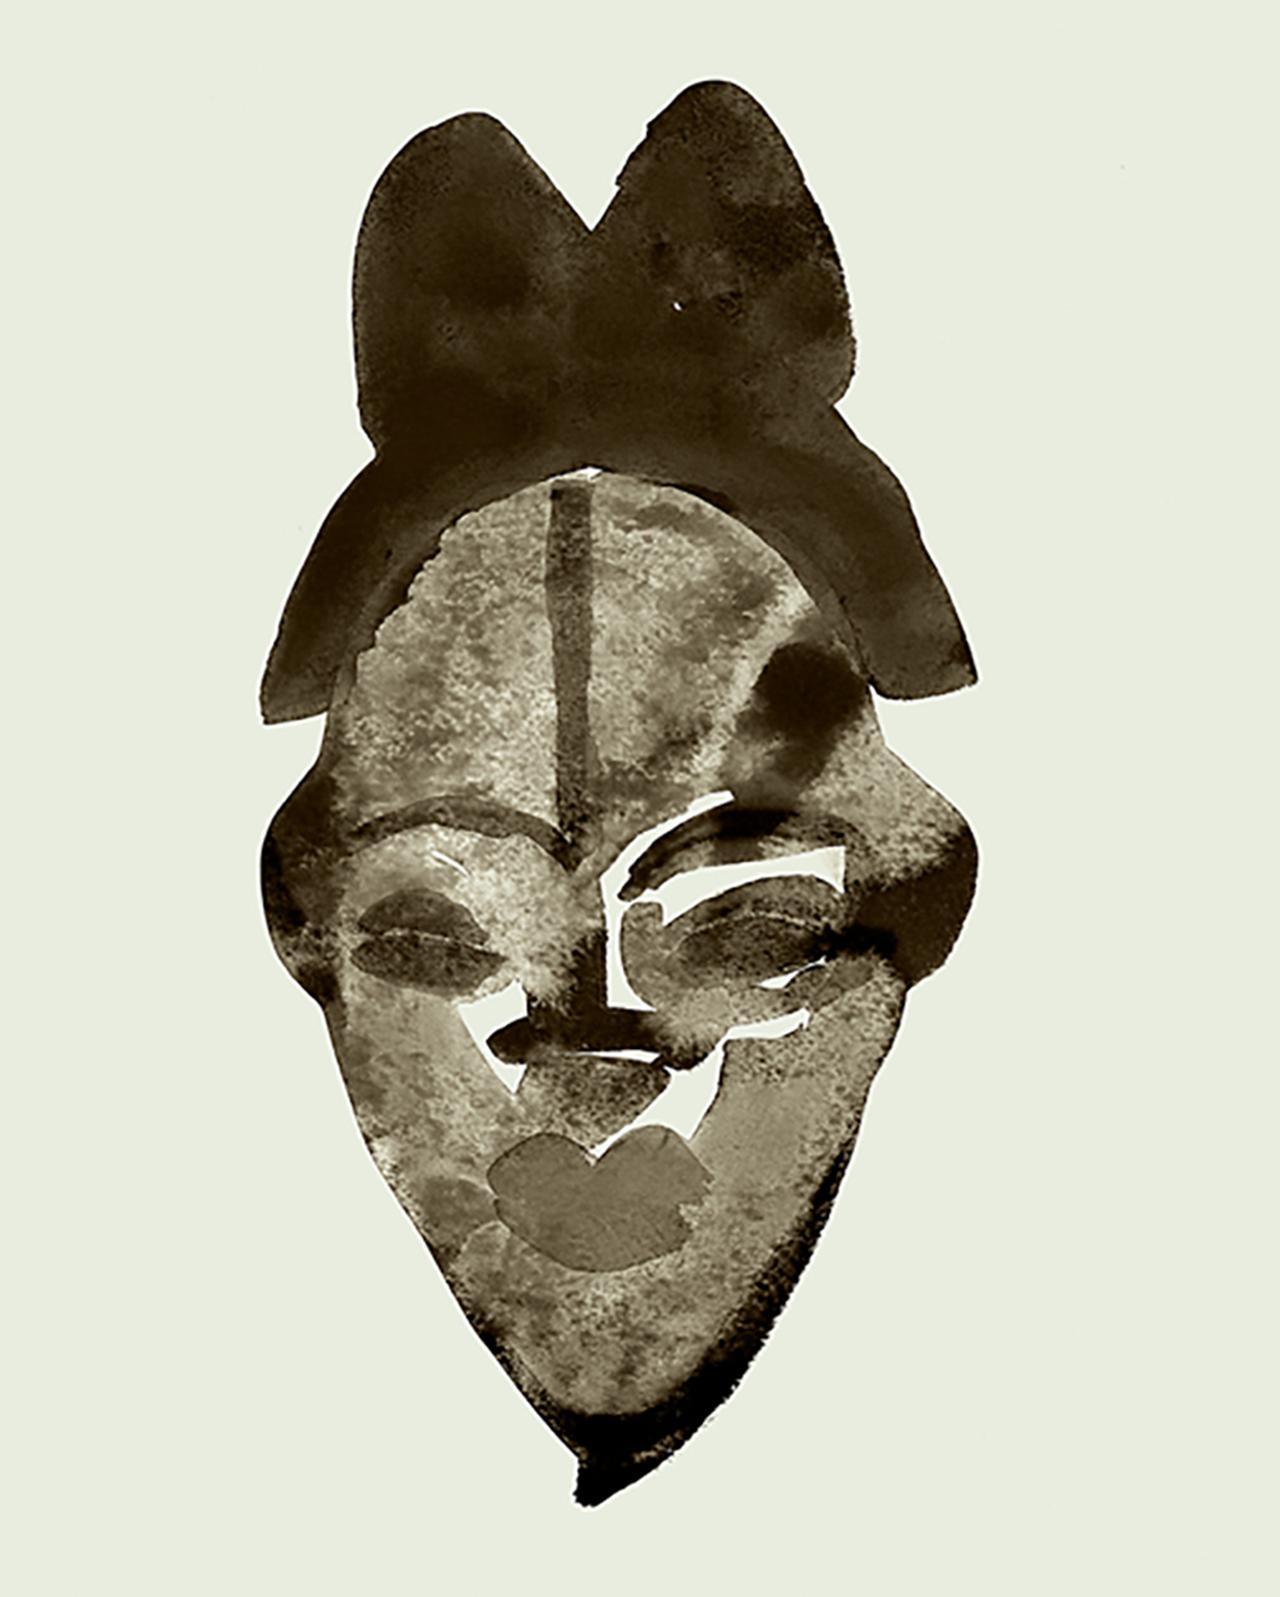 画像: 木製の仮面、プヌ族、ガボン共和国、17世紀頃